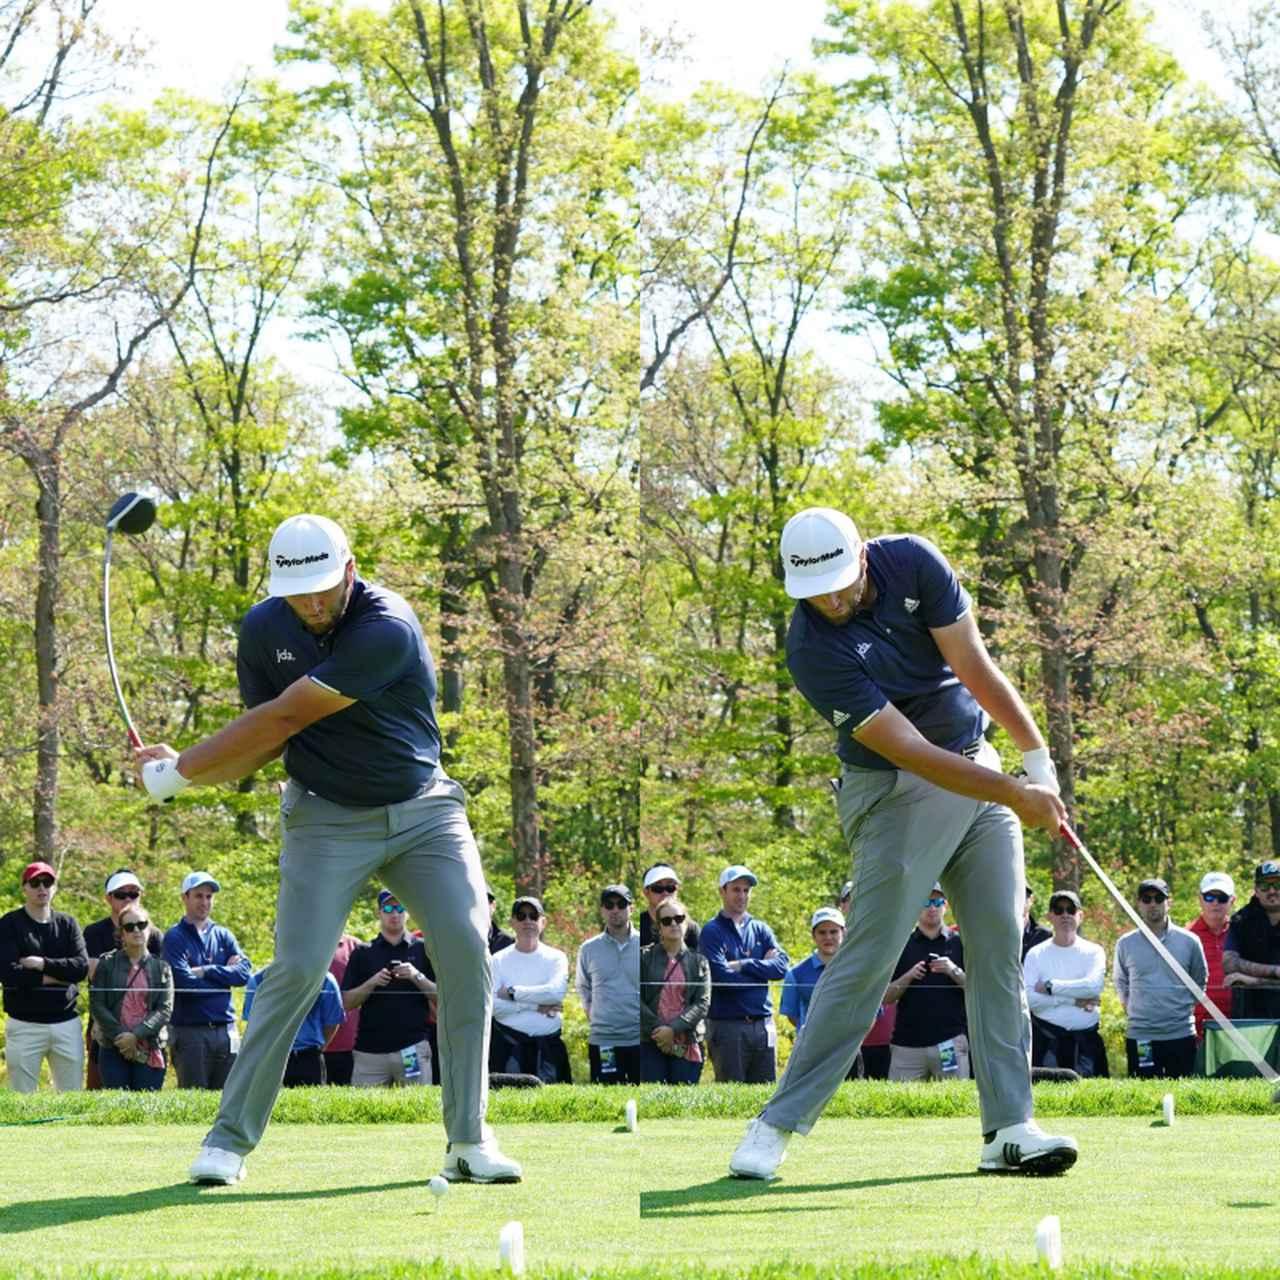 画像: 画像C:切り返しで踏み込んだ左足から強い回転力を得ようと左足のかかとに負荷がかかりつま先がめくれ上がっている(写真は2019年の「全米プロゴルフ選手権」写真/姉崎正)